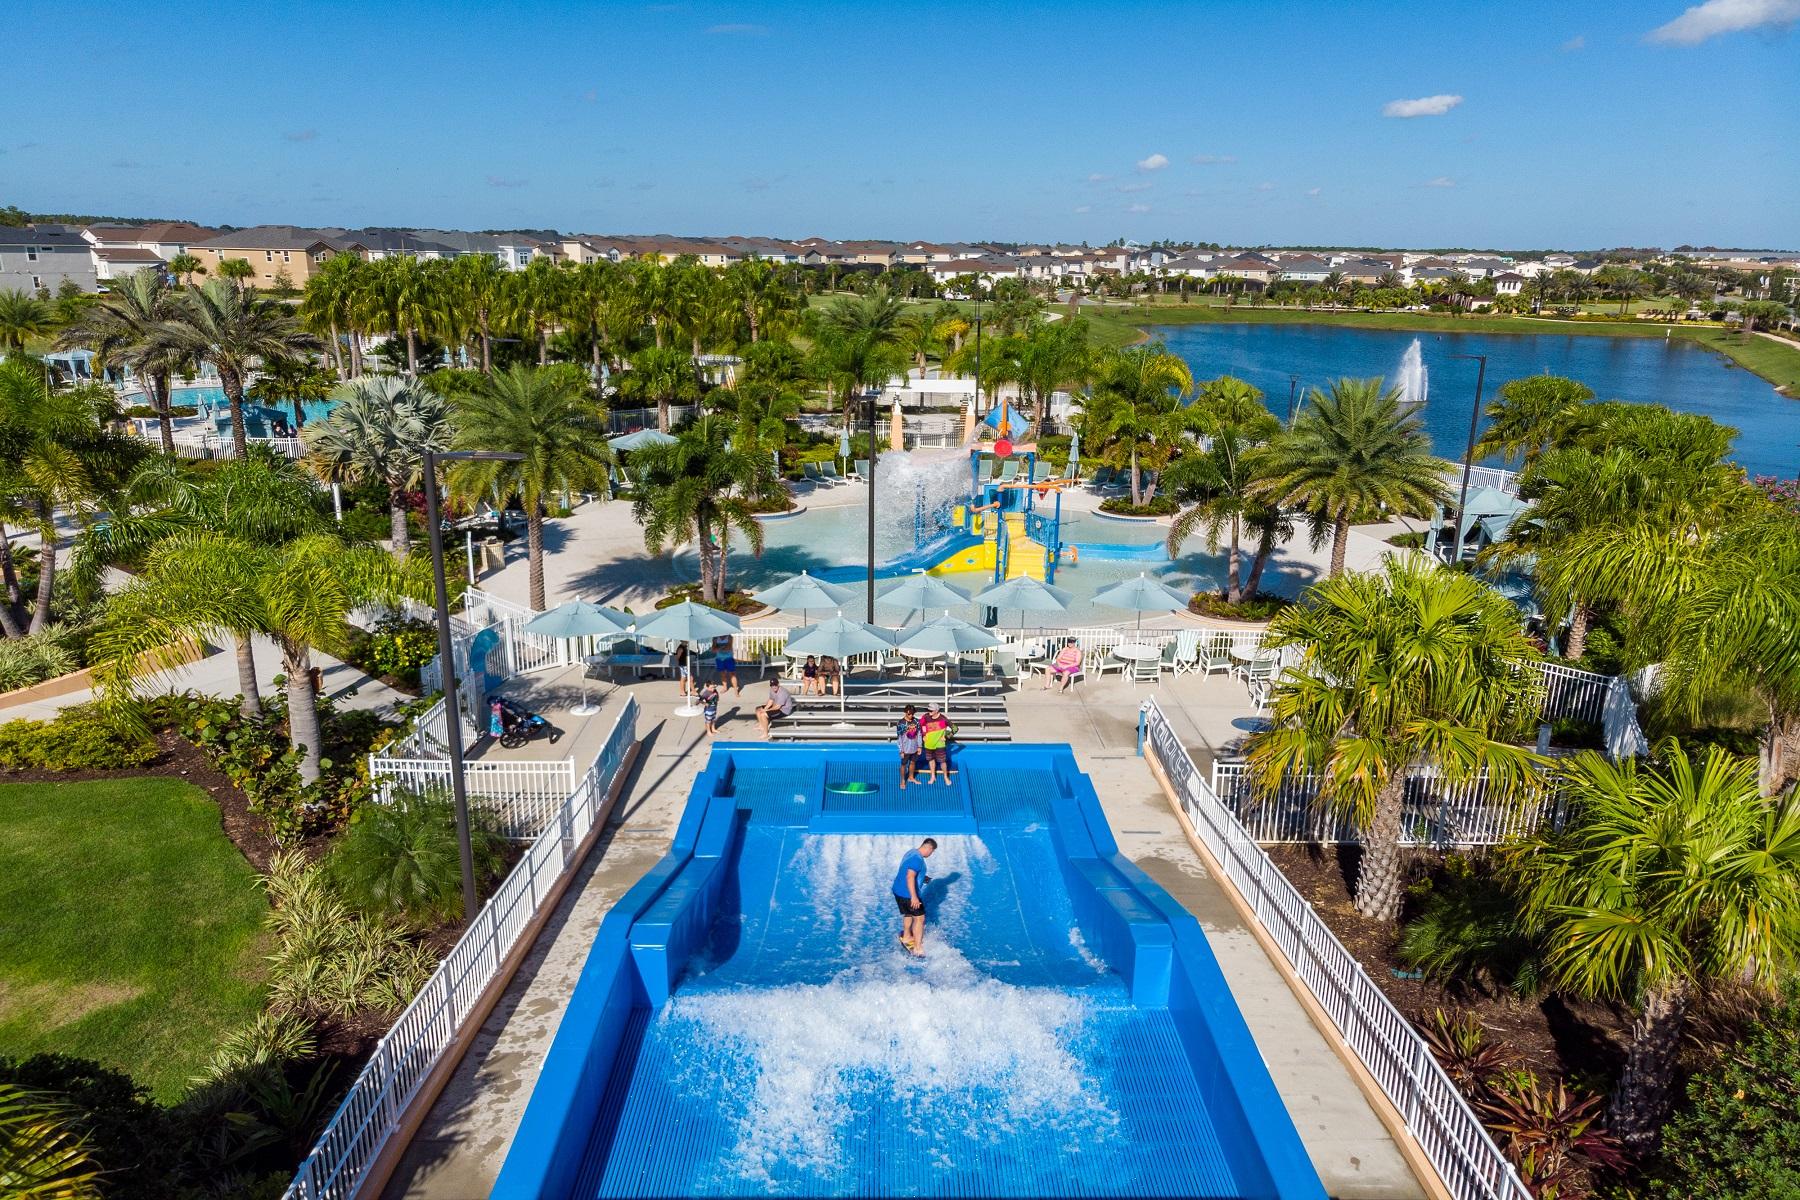 Solara Resort Flow Rider Water Park